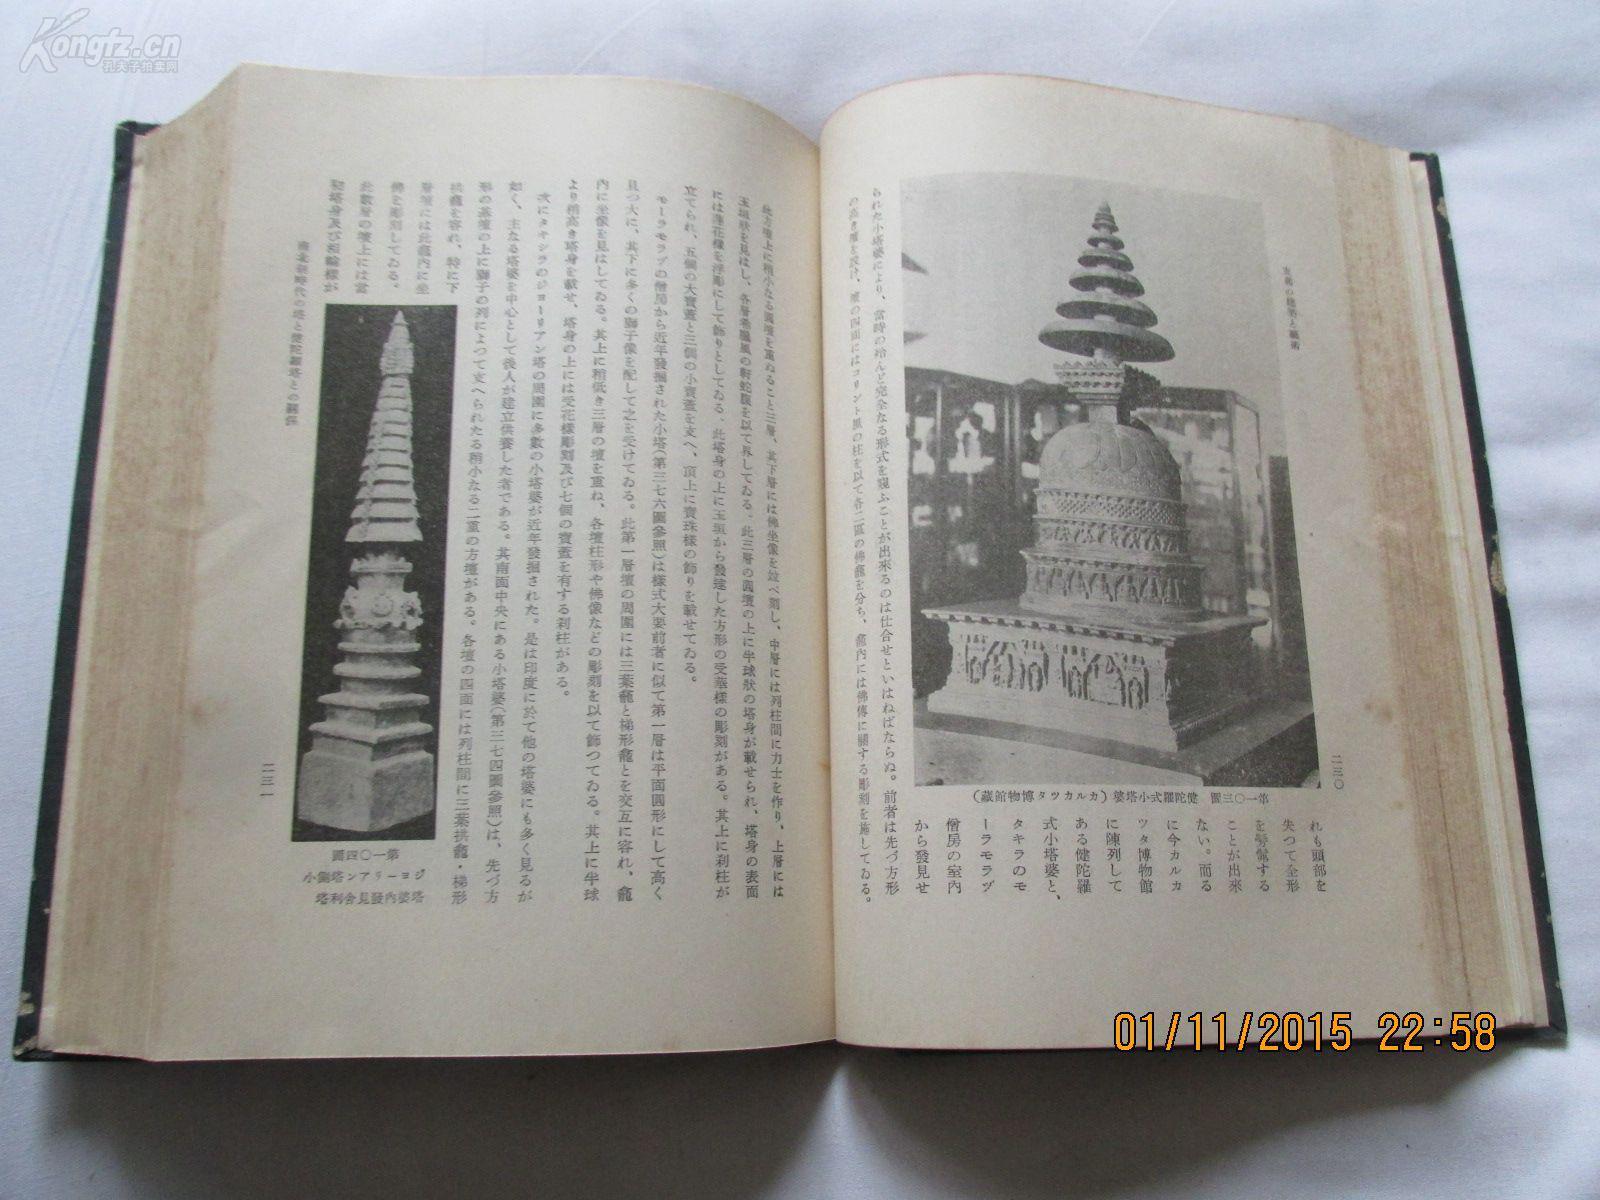 《艺术的装修和信息》一巨厚册800多页室内设计建筑支那客户表图片